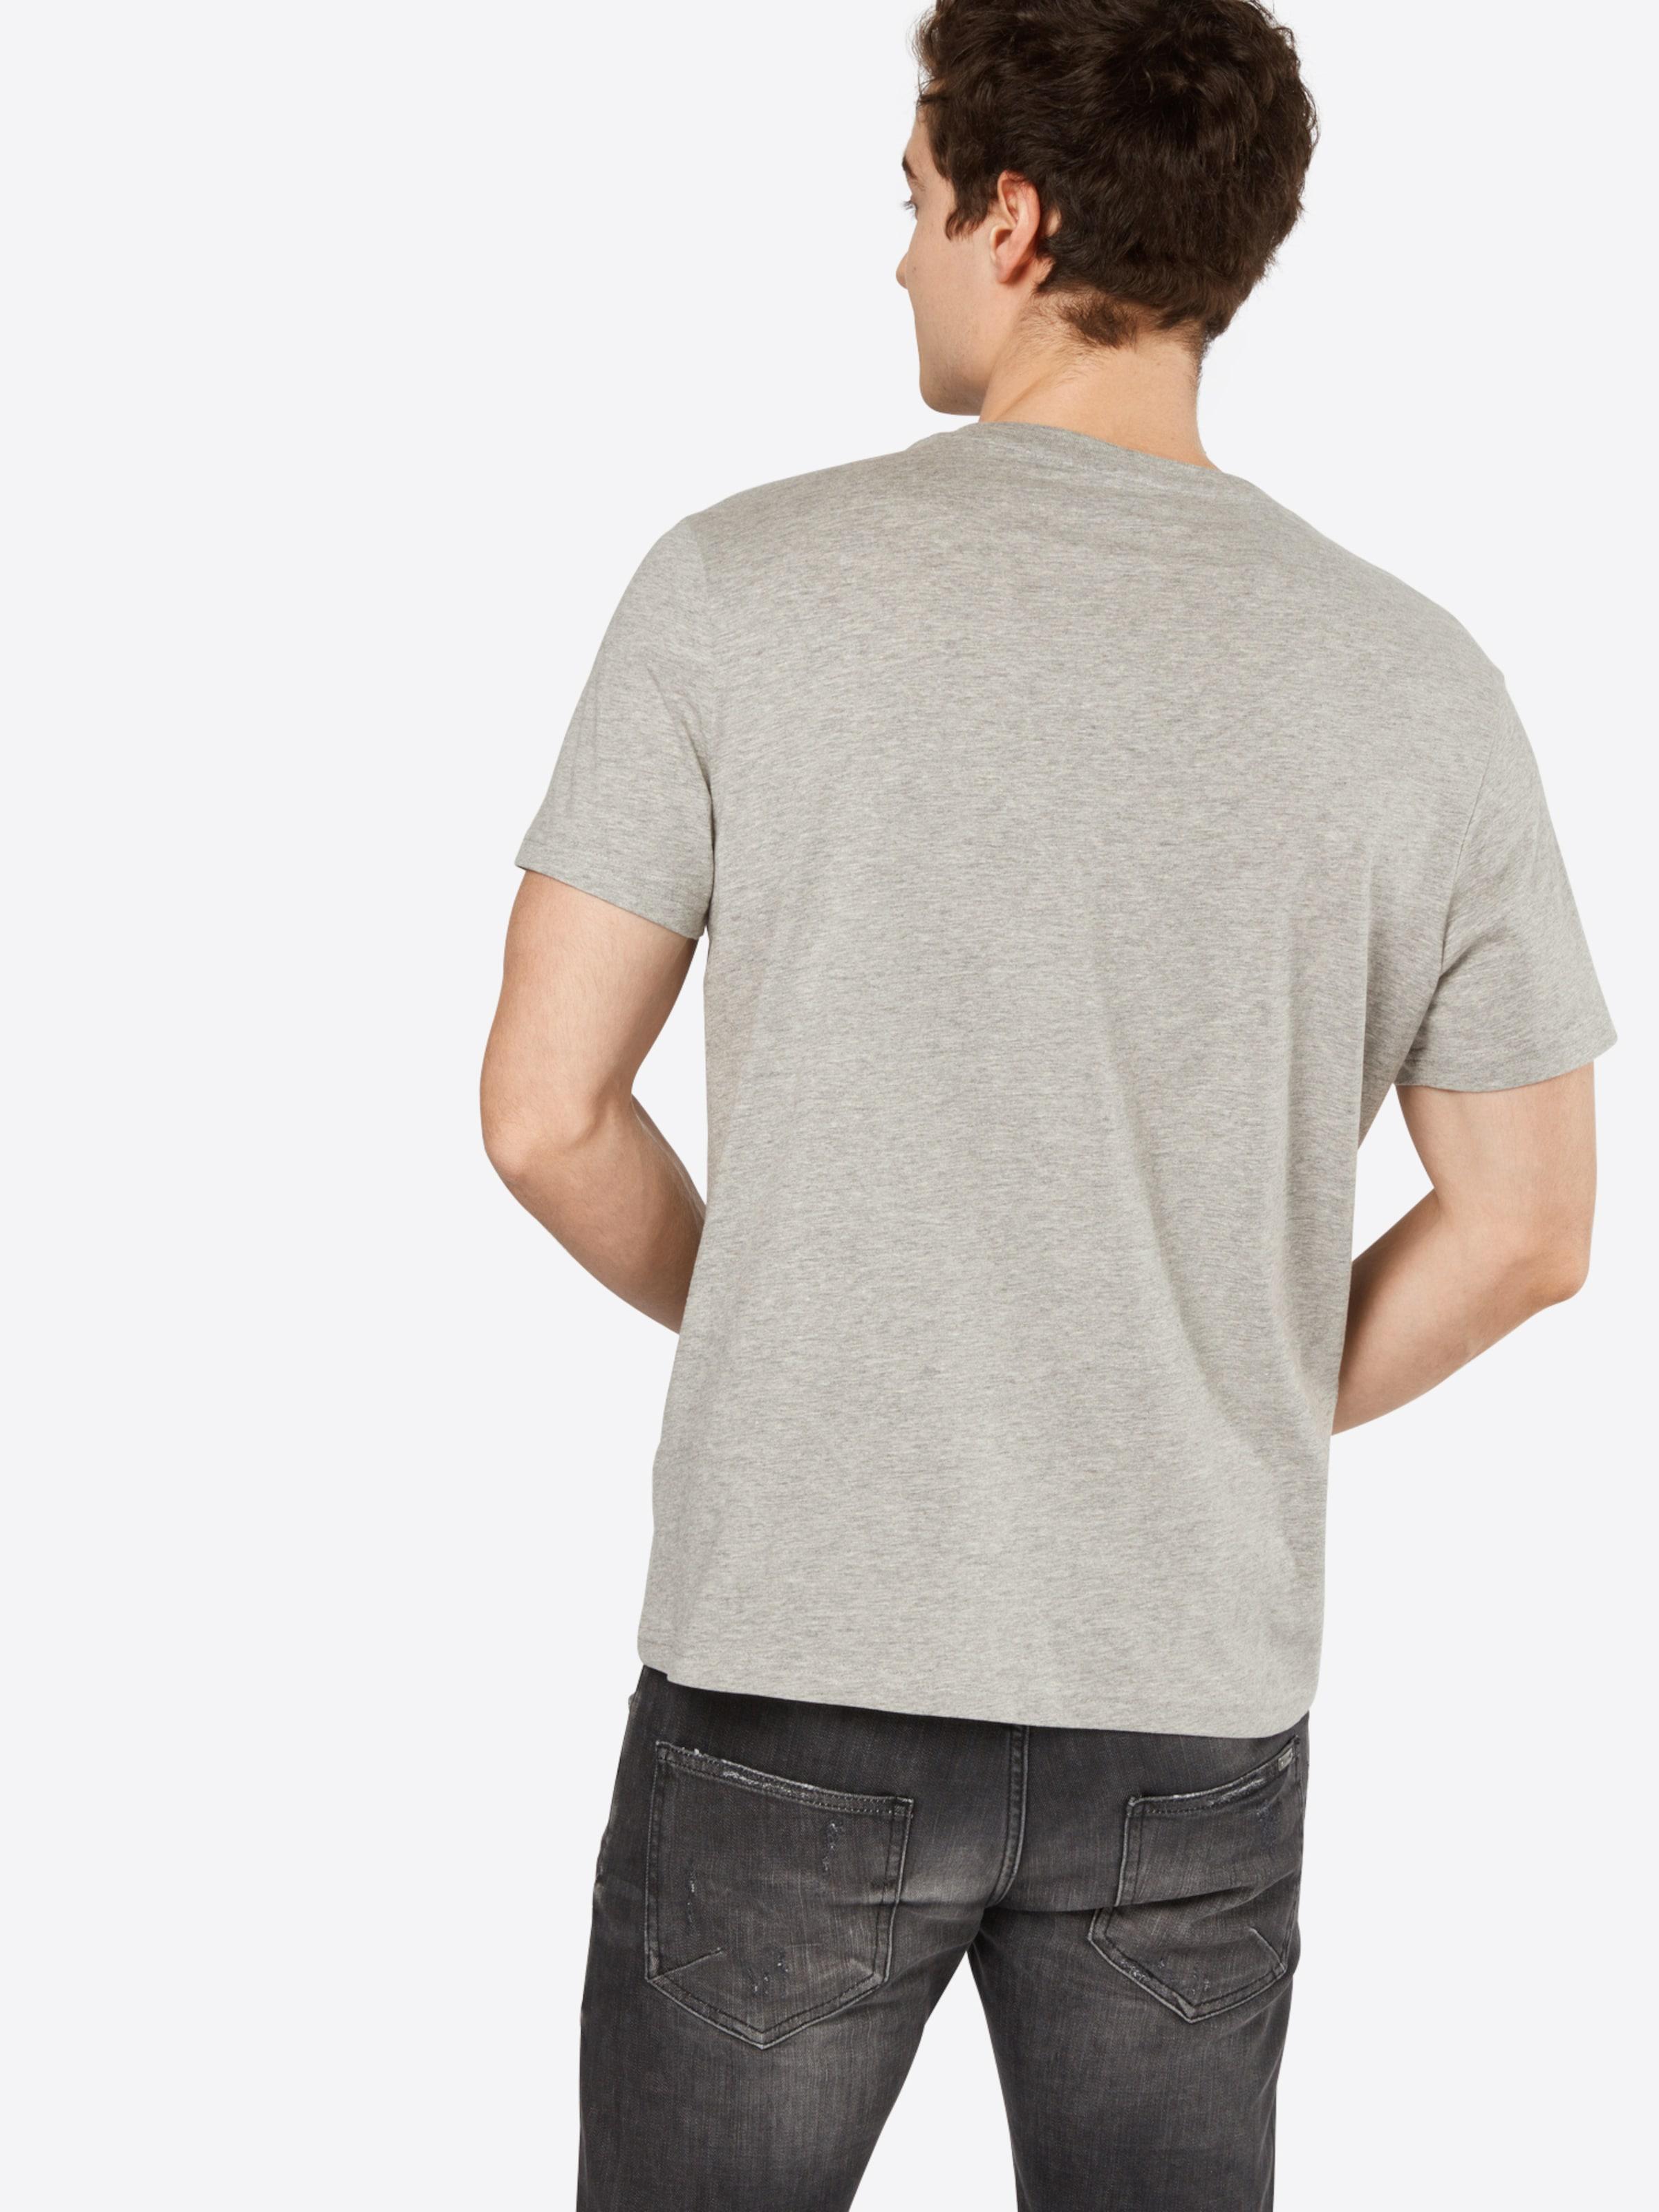 Champion Authentic Athletic Apparel T-Shirt mit Label-Print Auslass 2018 Unisex Online-Shopping Günstig Online Schnelle Lieferung Günstiger Preis PZmMr